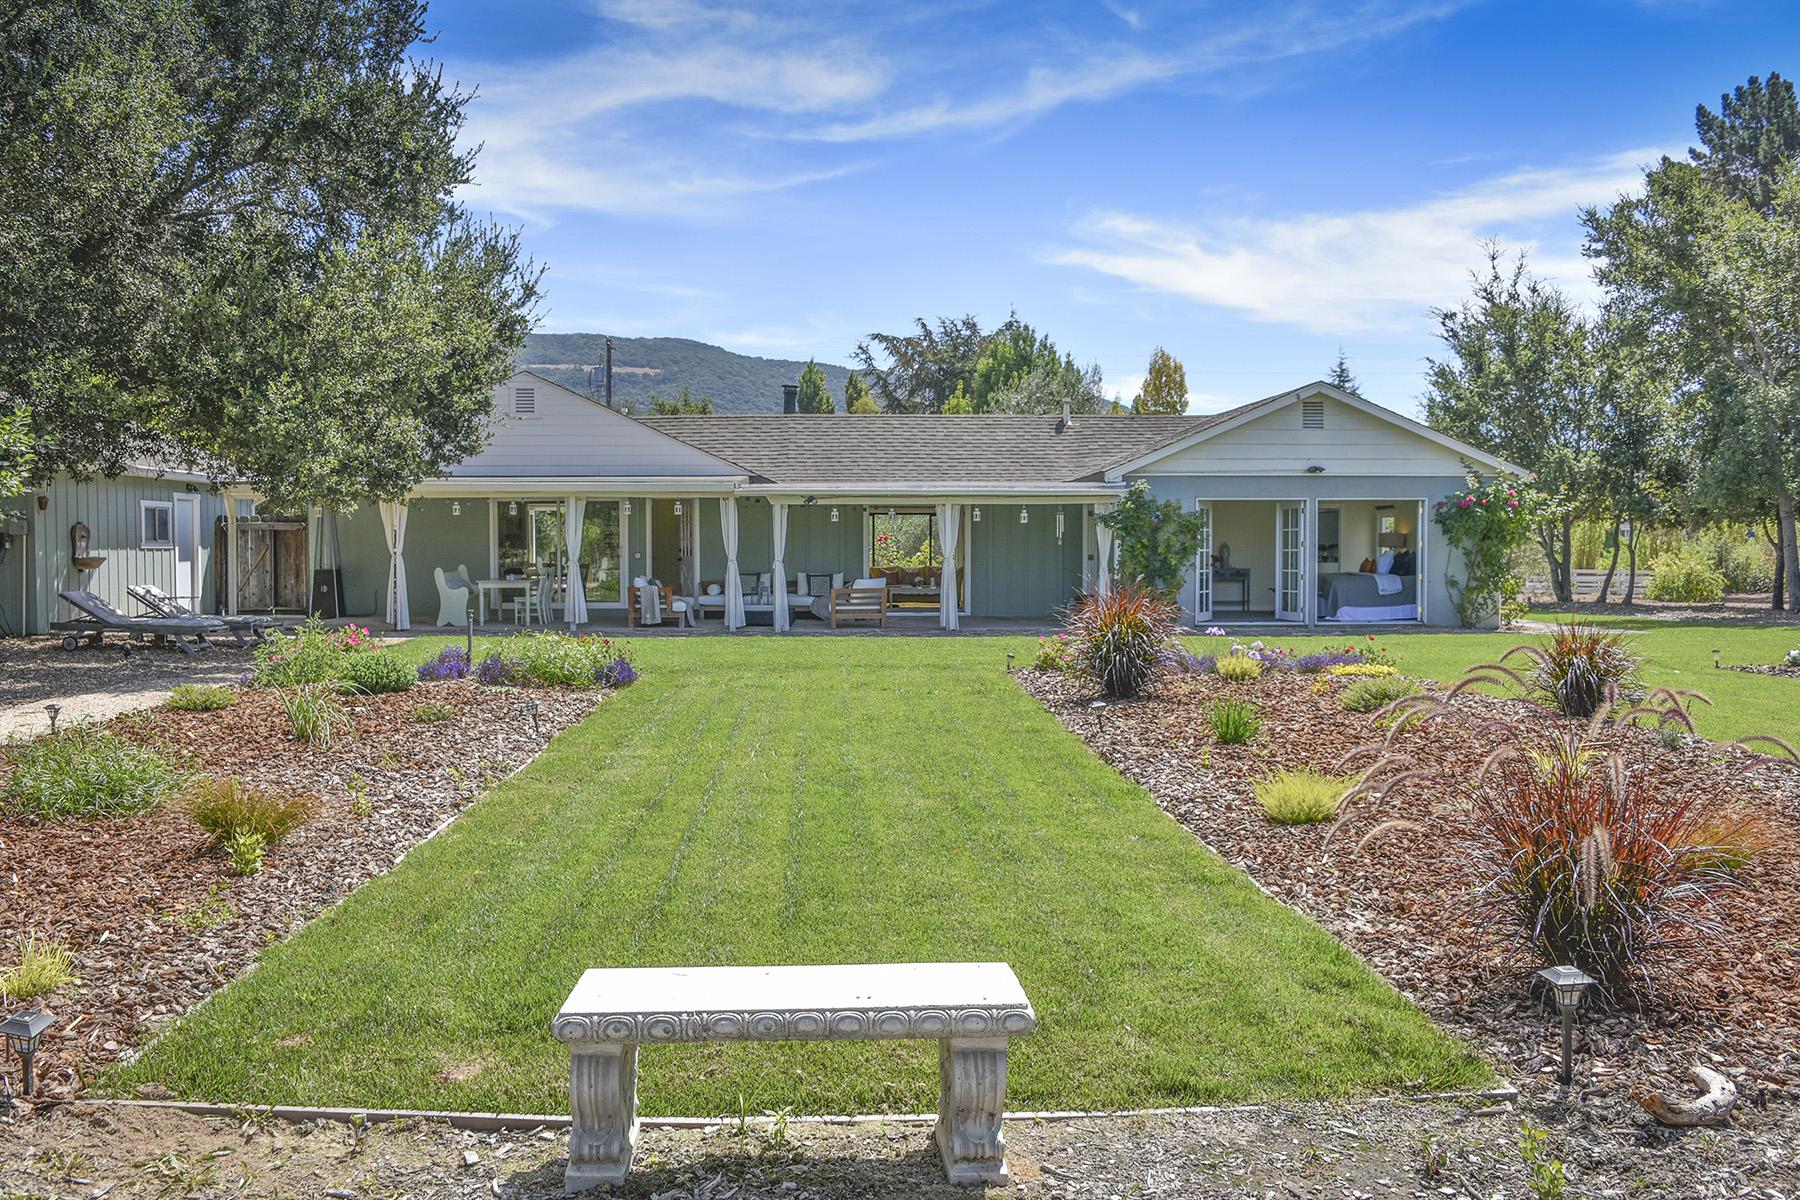 단독 가정 주택 용 매매 에 1054 Olive Hill Ln, Napa, CA 94558 1054 Olive Hill Ln Napa, 캘리포니아, 94558 미국